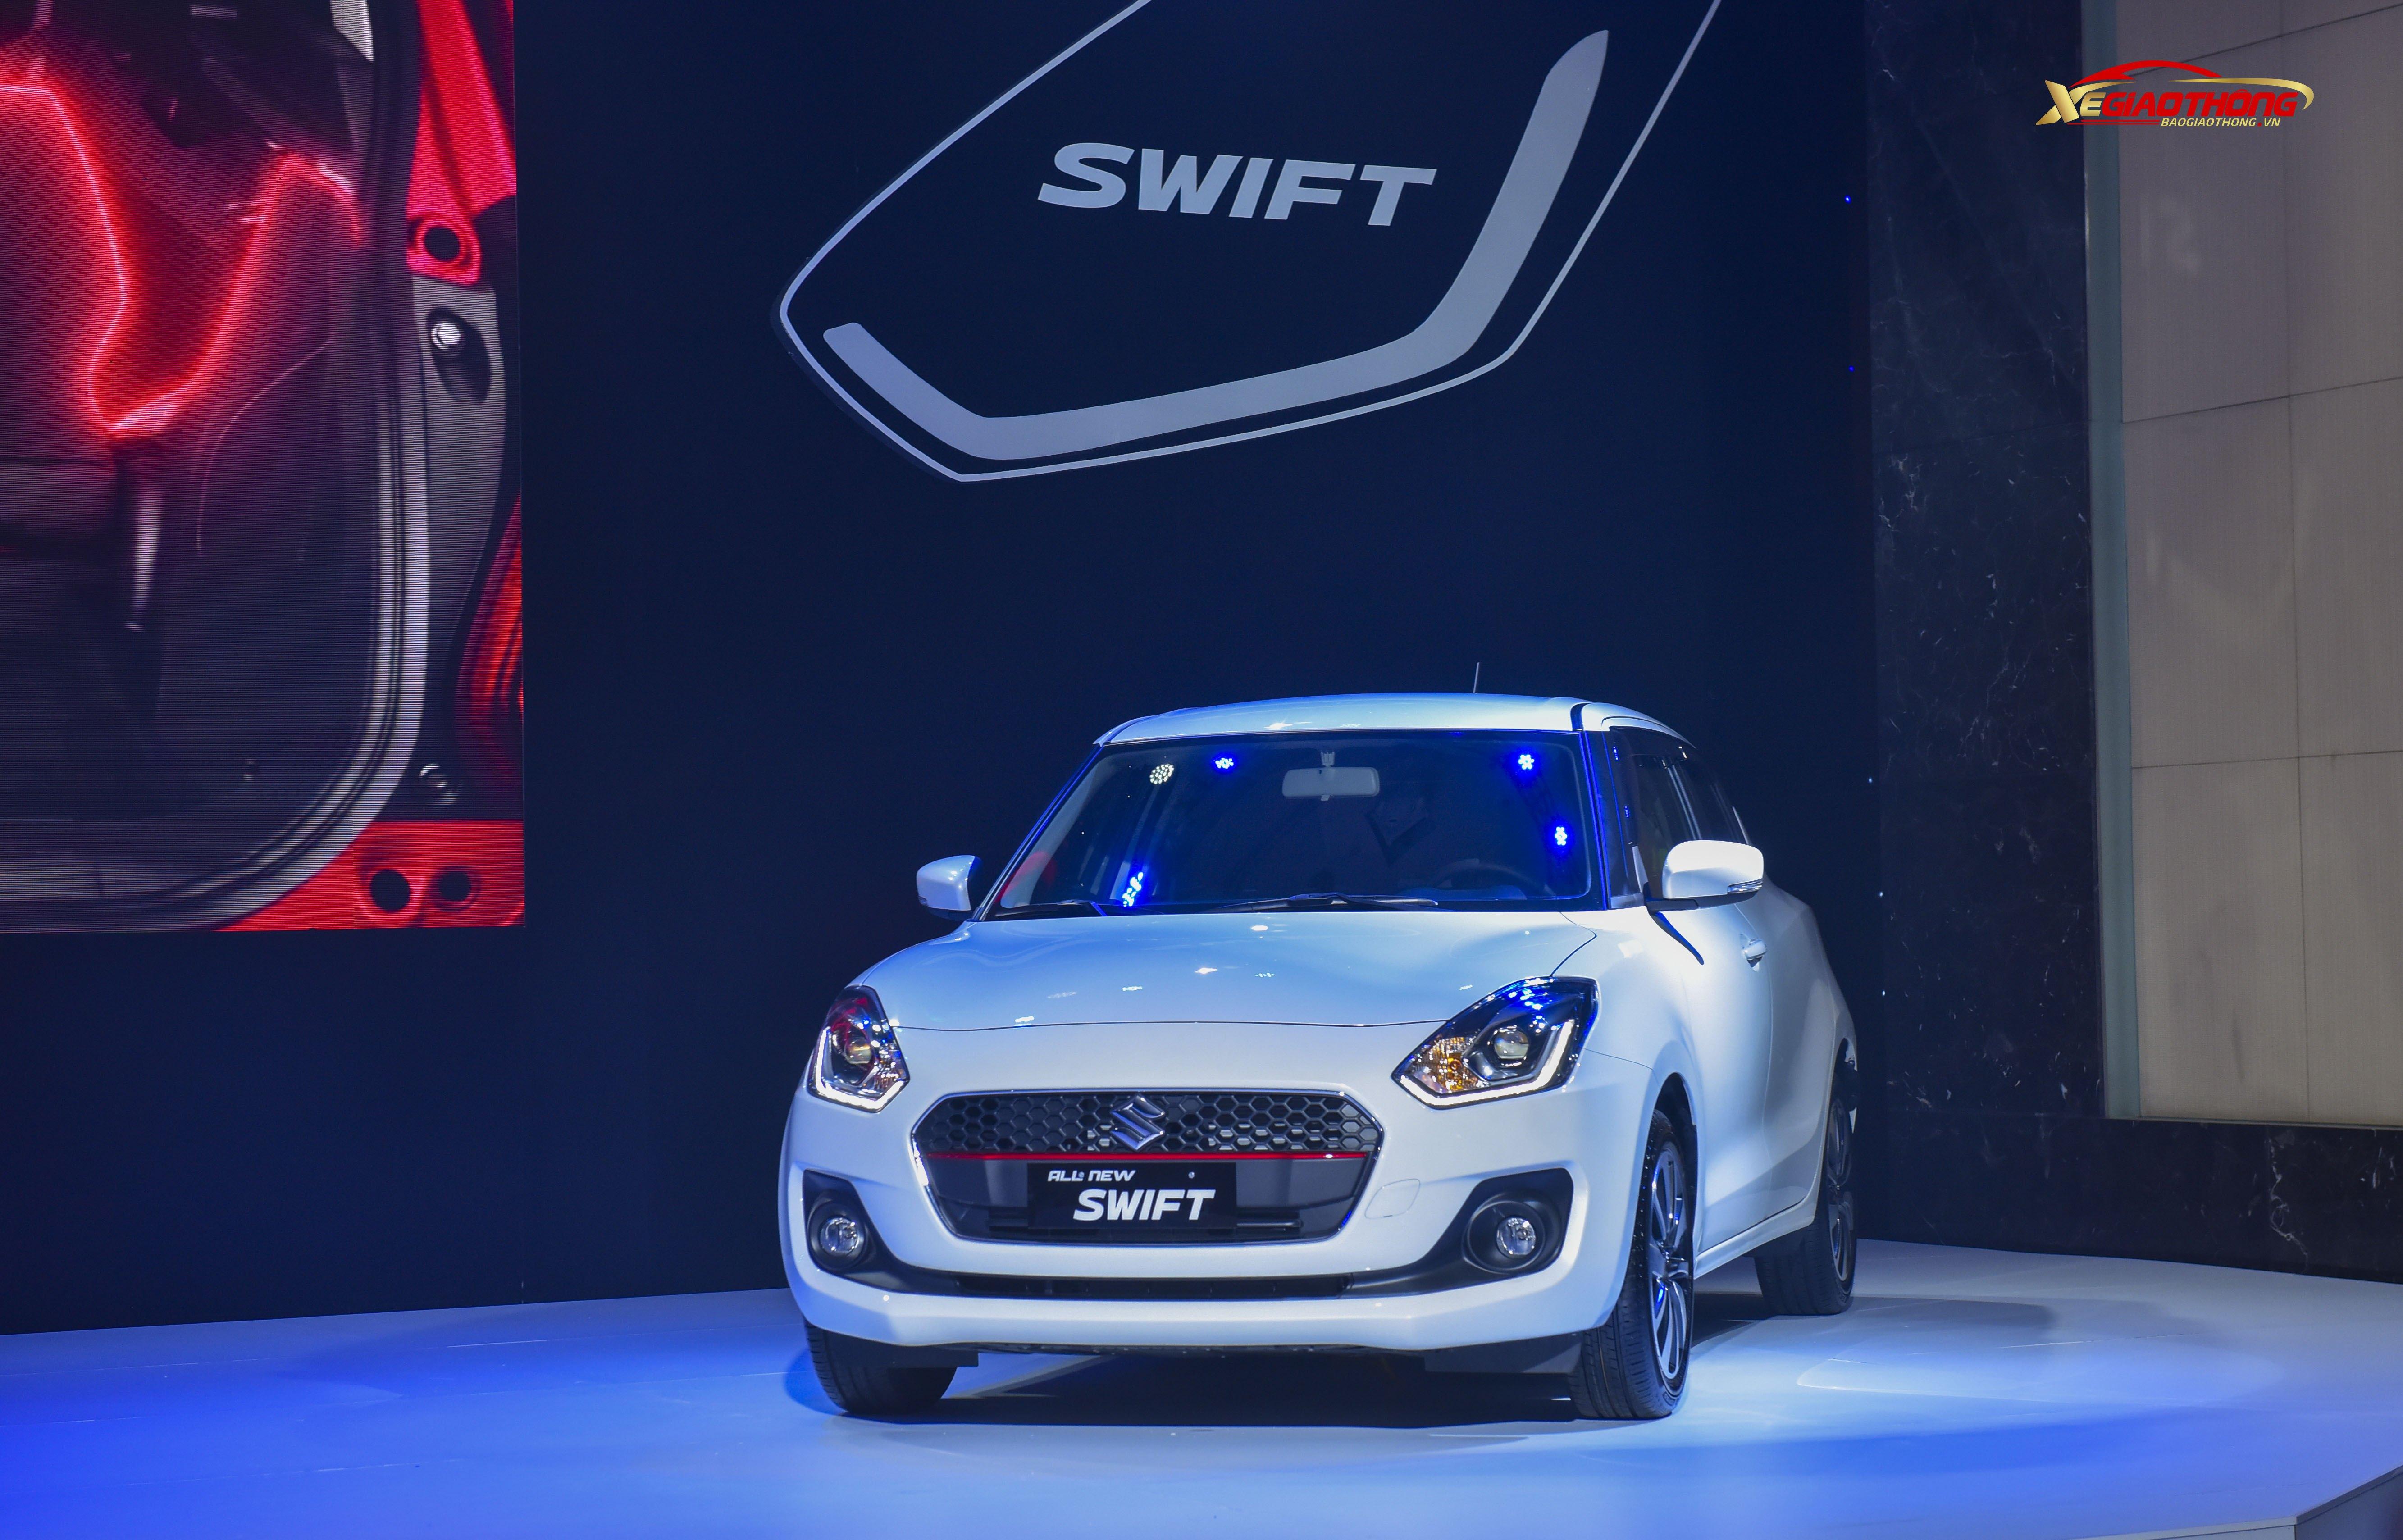 Suzuki Swift thế hệ mới chính thức được giới thiệu tại thị trường Việt Nam